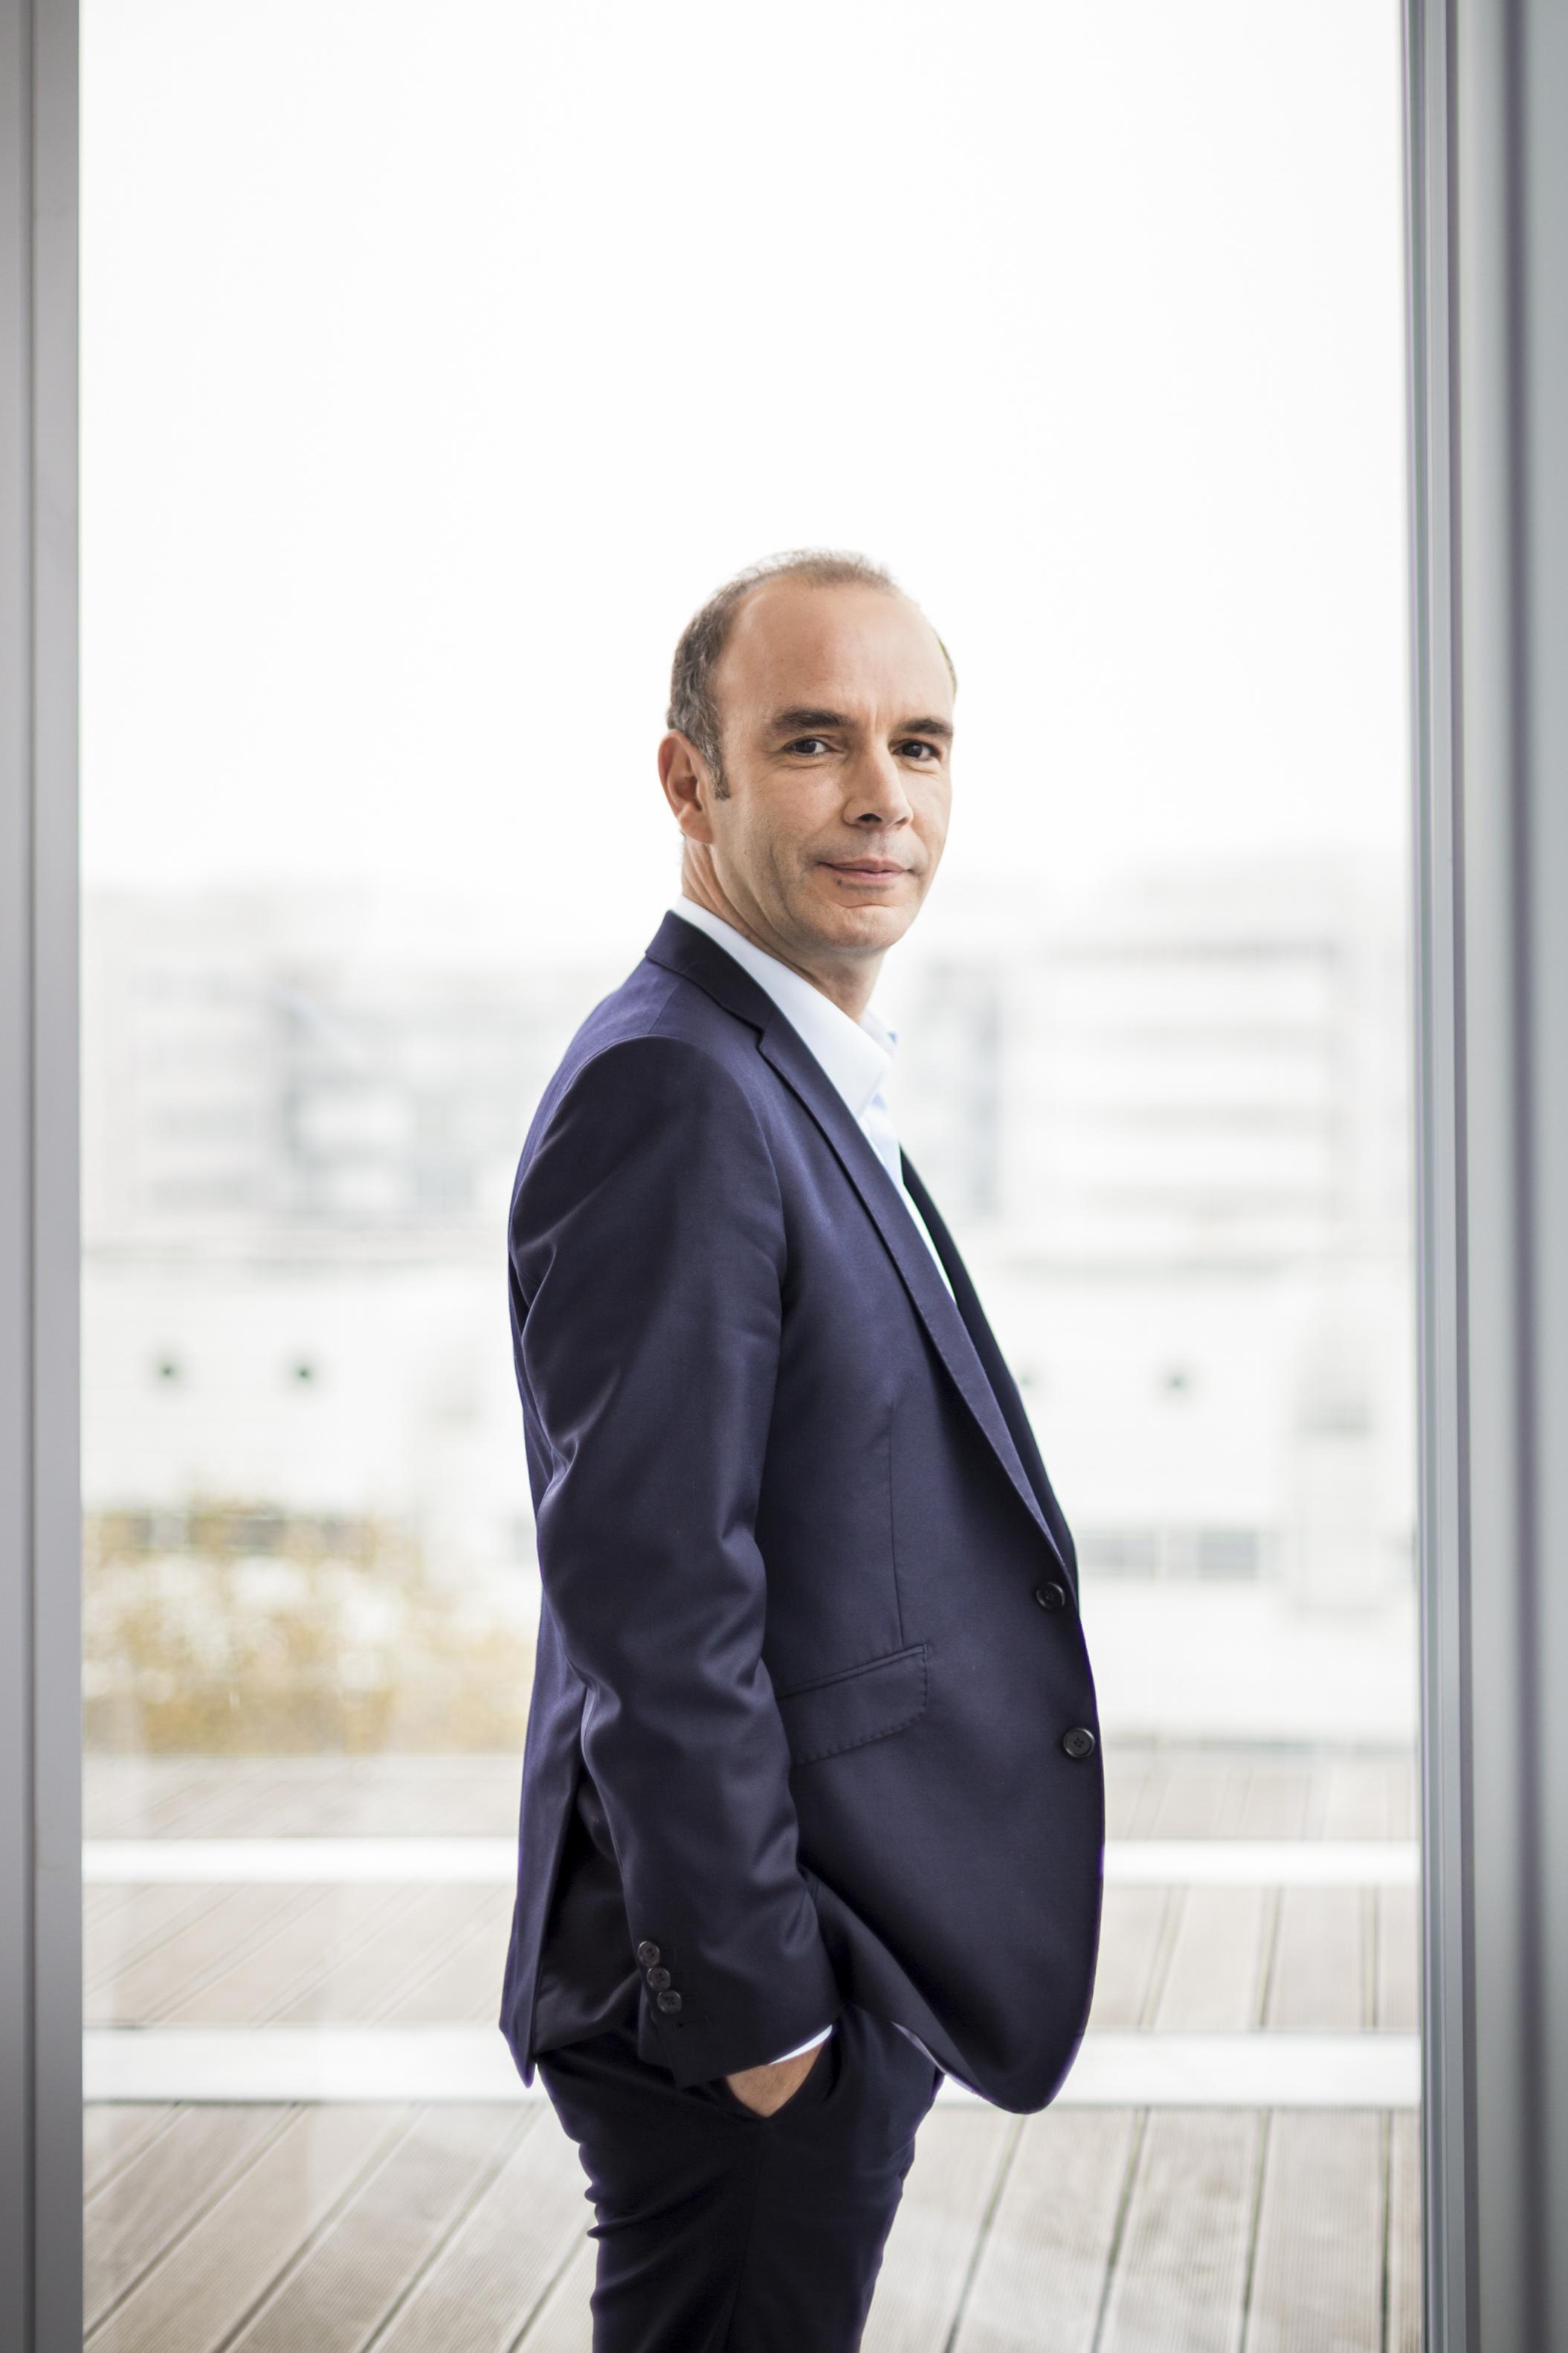 Pierre-Henry Médan dirige la régie de NextRadioTV depuis 10 ans, après un passage chez NRJ Group.